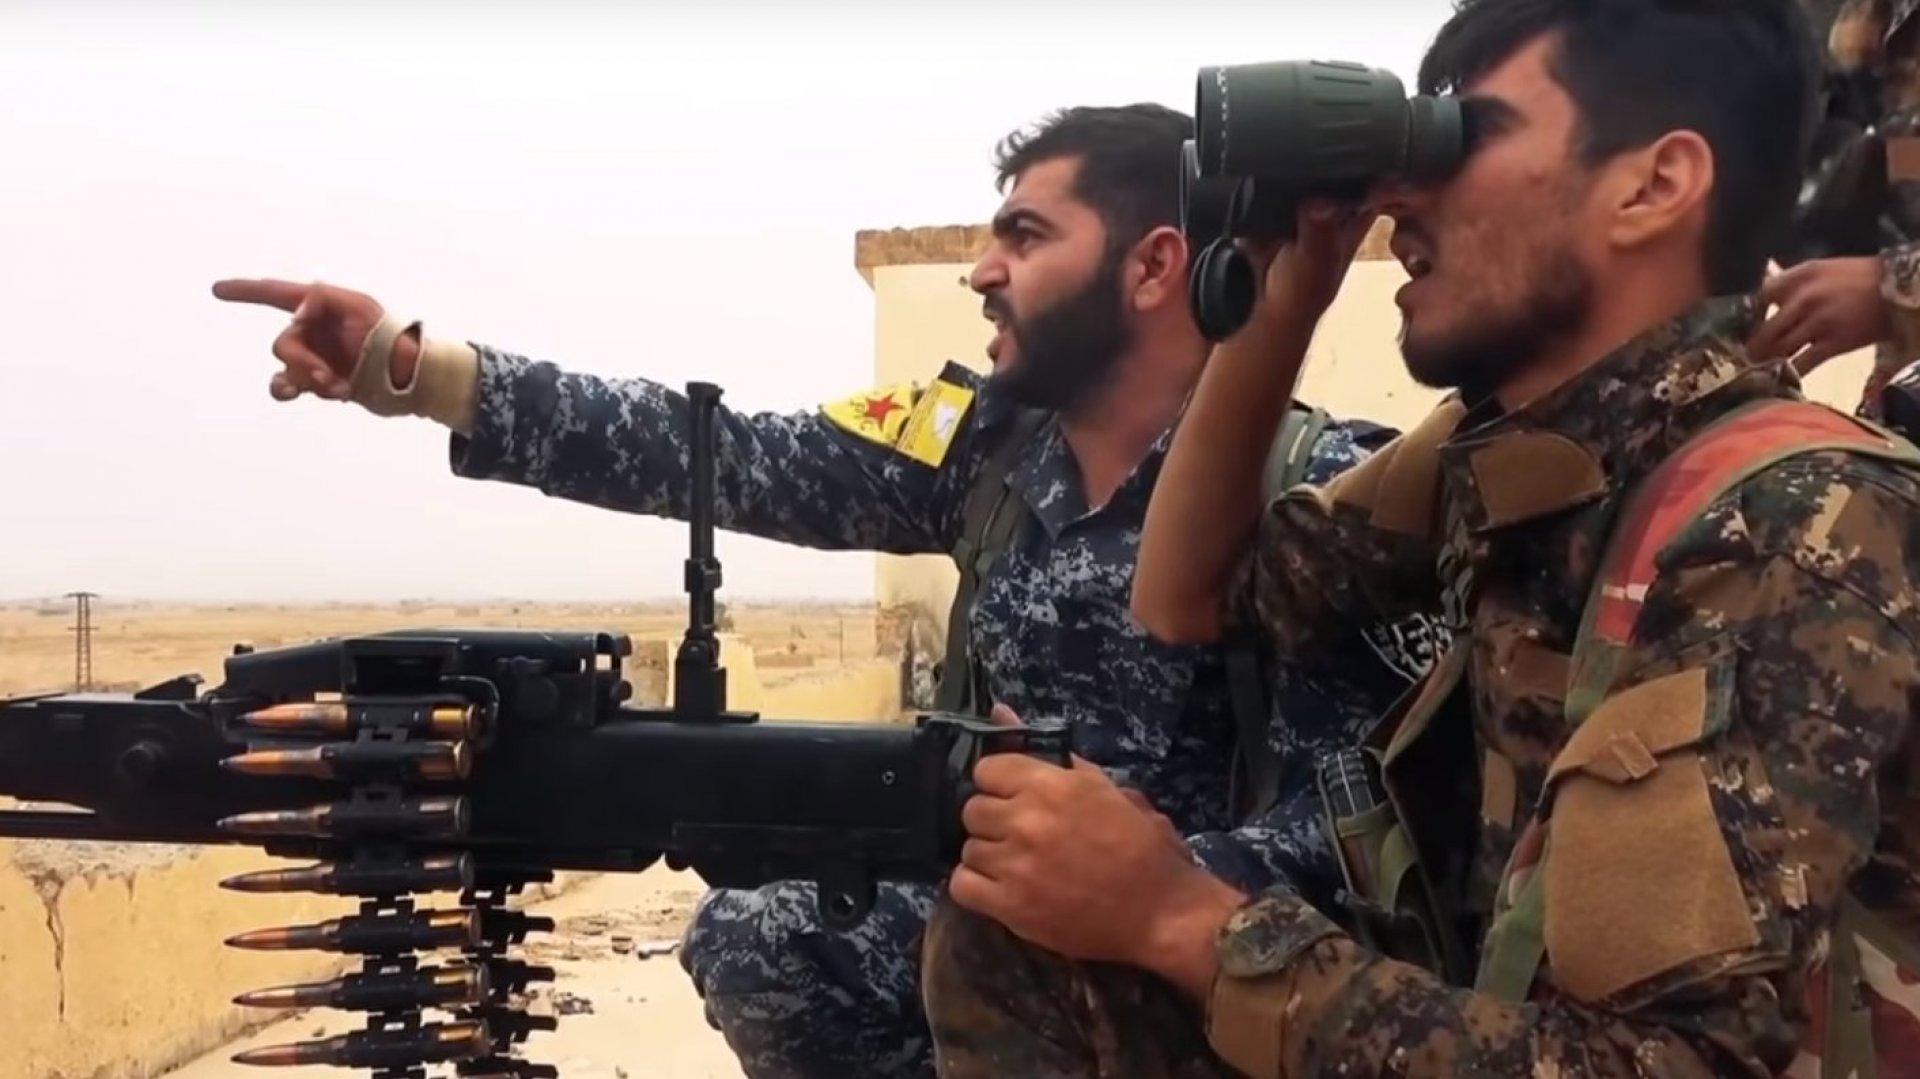 Турецкий «Источник мира» могут возобновить из-за связи курдов-террористов и США